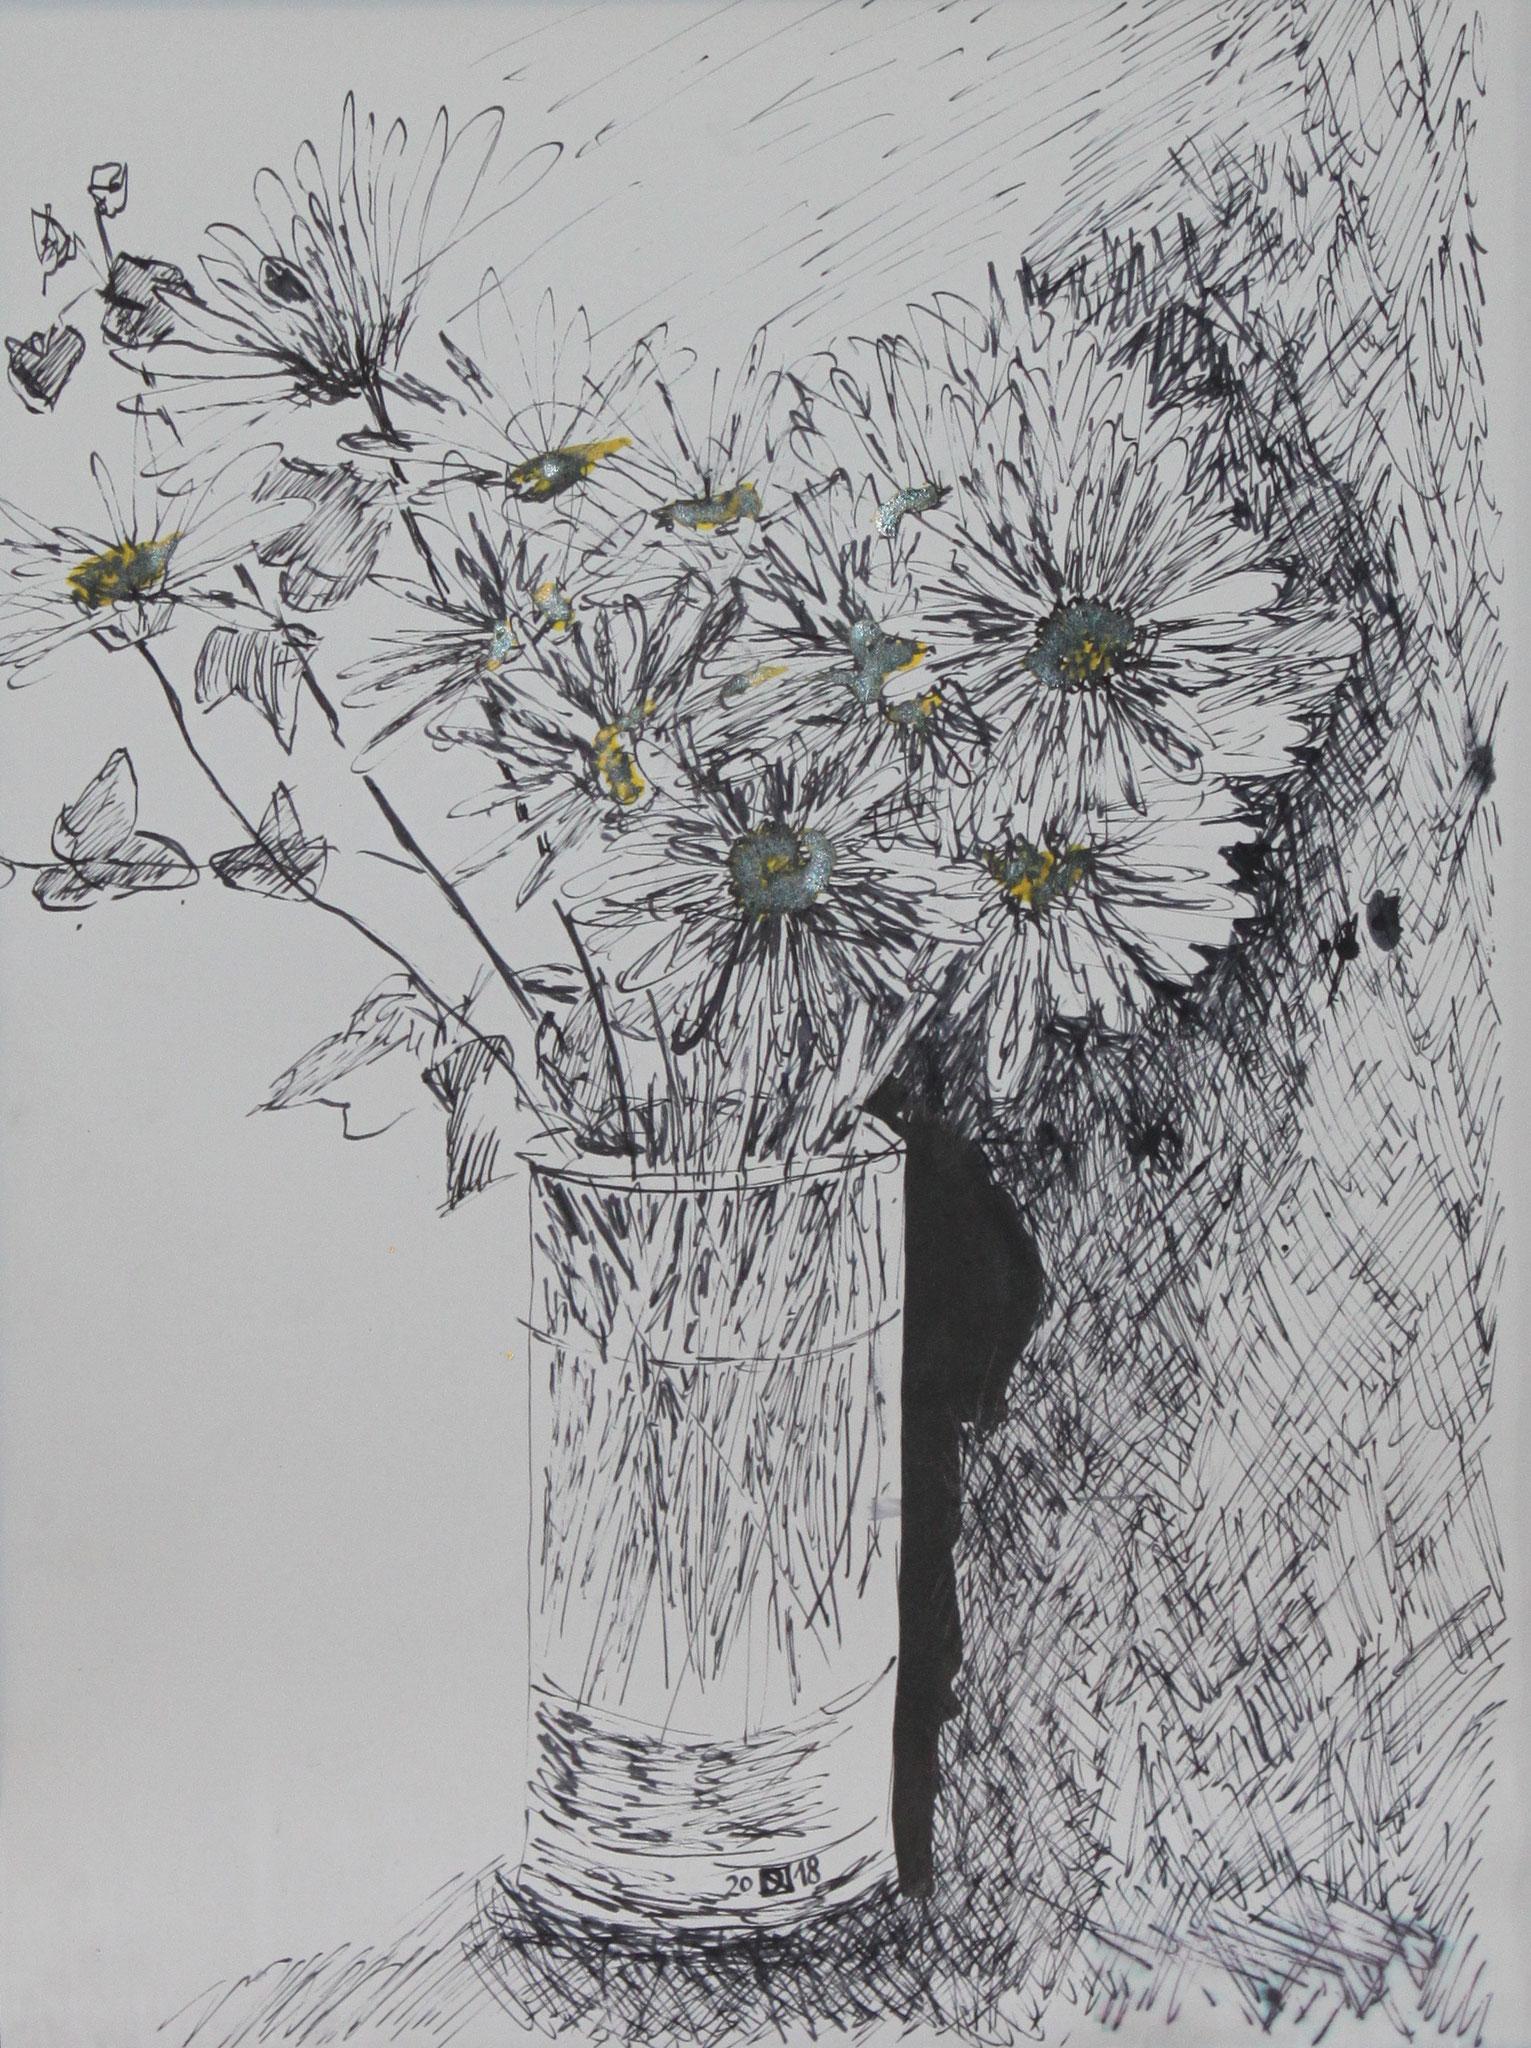 Margariten, 2018, Tusche auf Papier, 42 cm x 30 cm